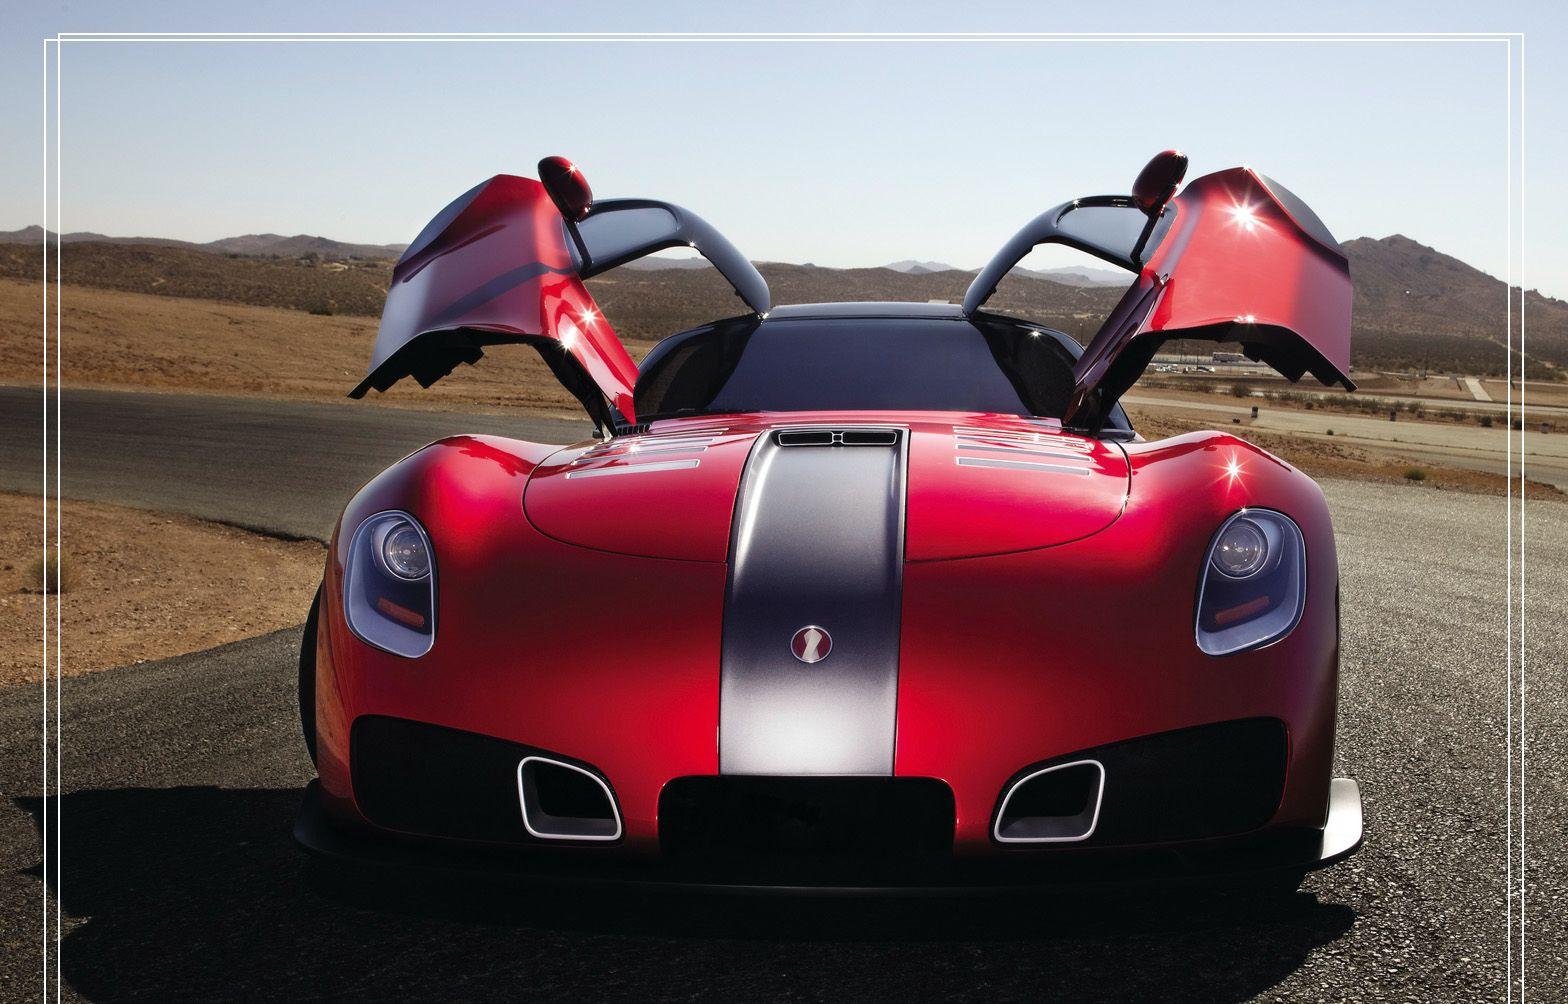 大图福利:超适合做壁纸的时尚车辆美图一览